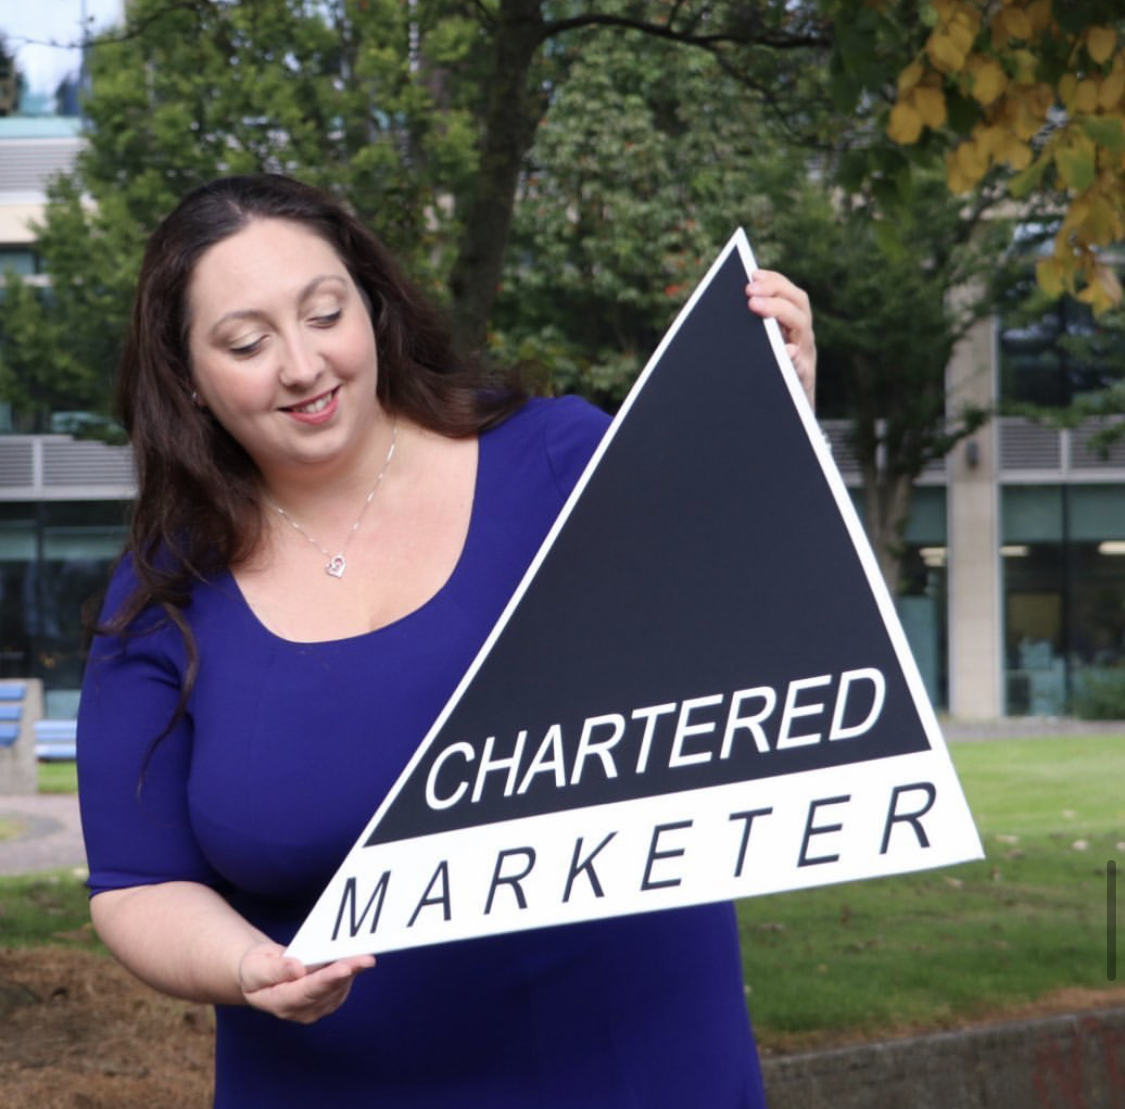 Christine Watson from Watson & Co Chartered Marketing